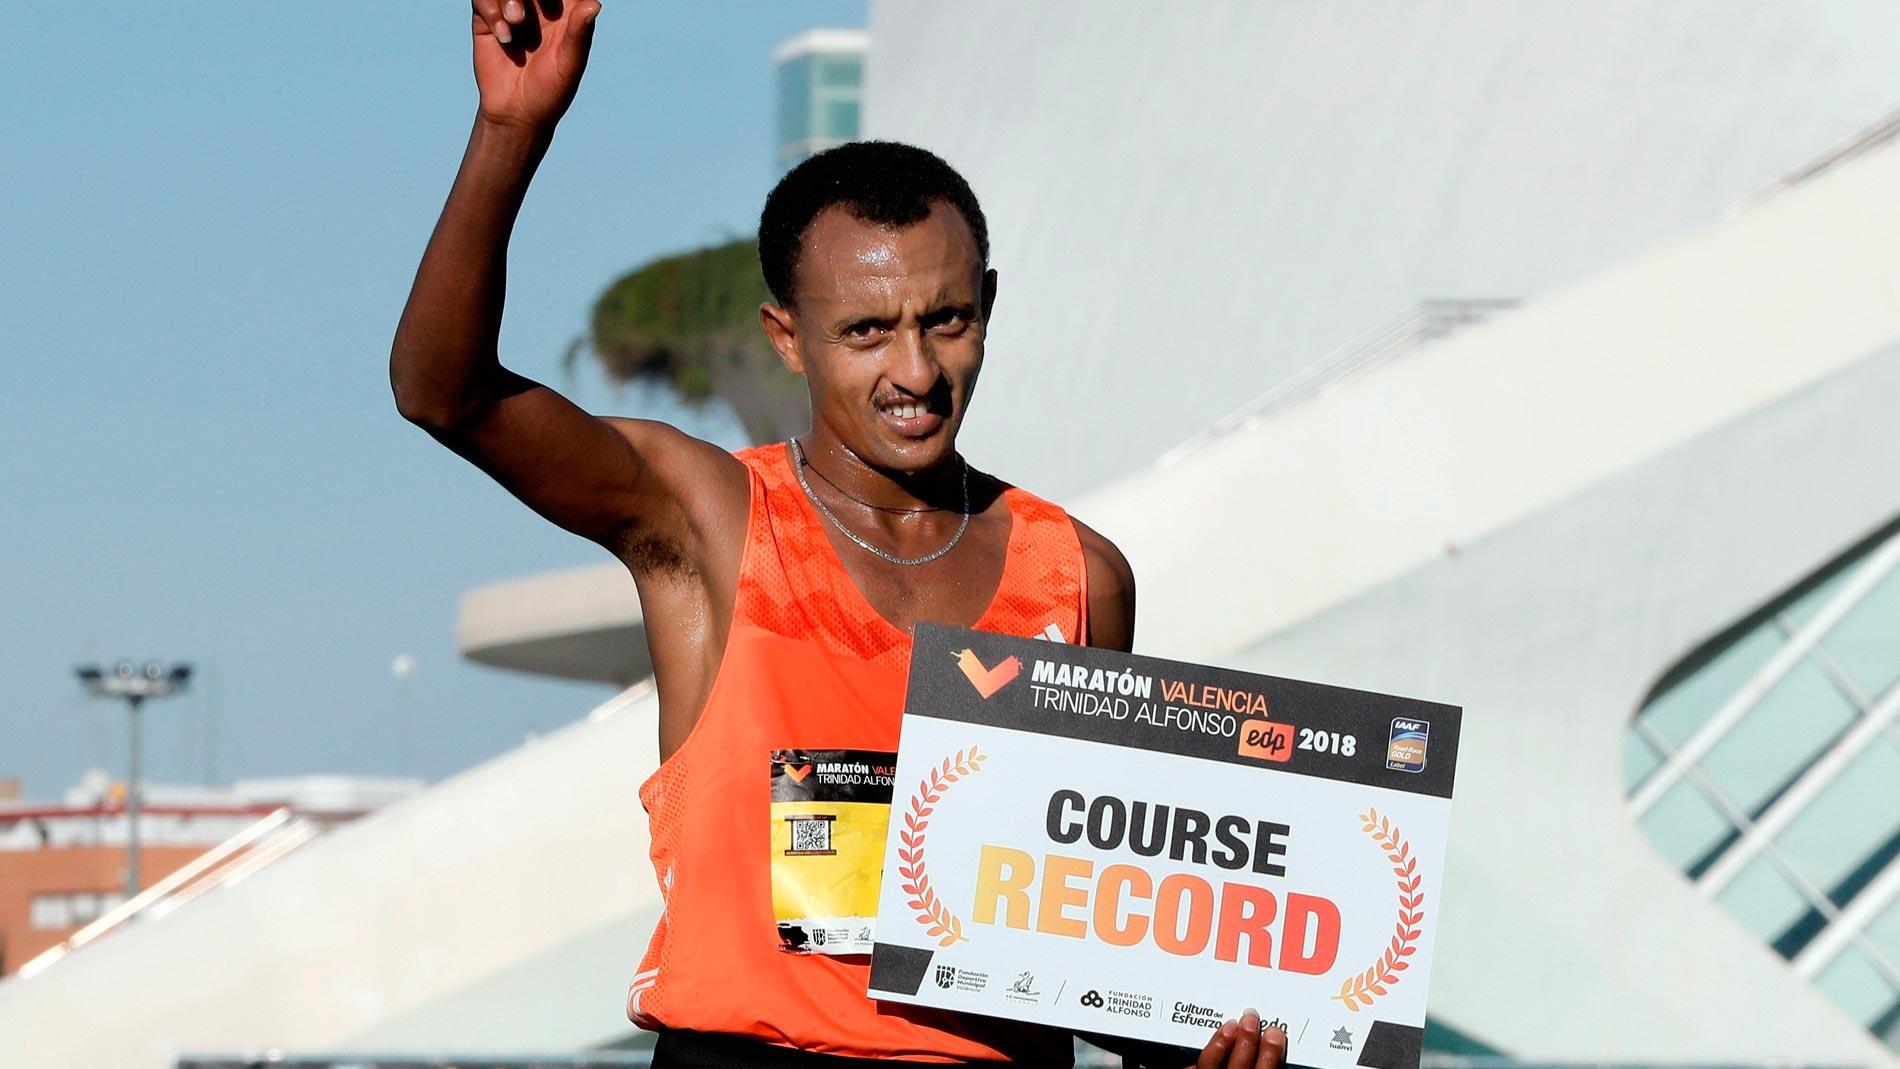 Gebreselassie gana y bate el récord en el maratón de Valencia con 2:04:30